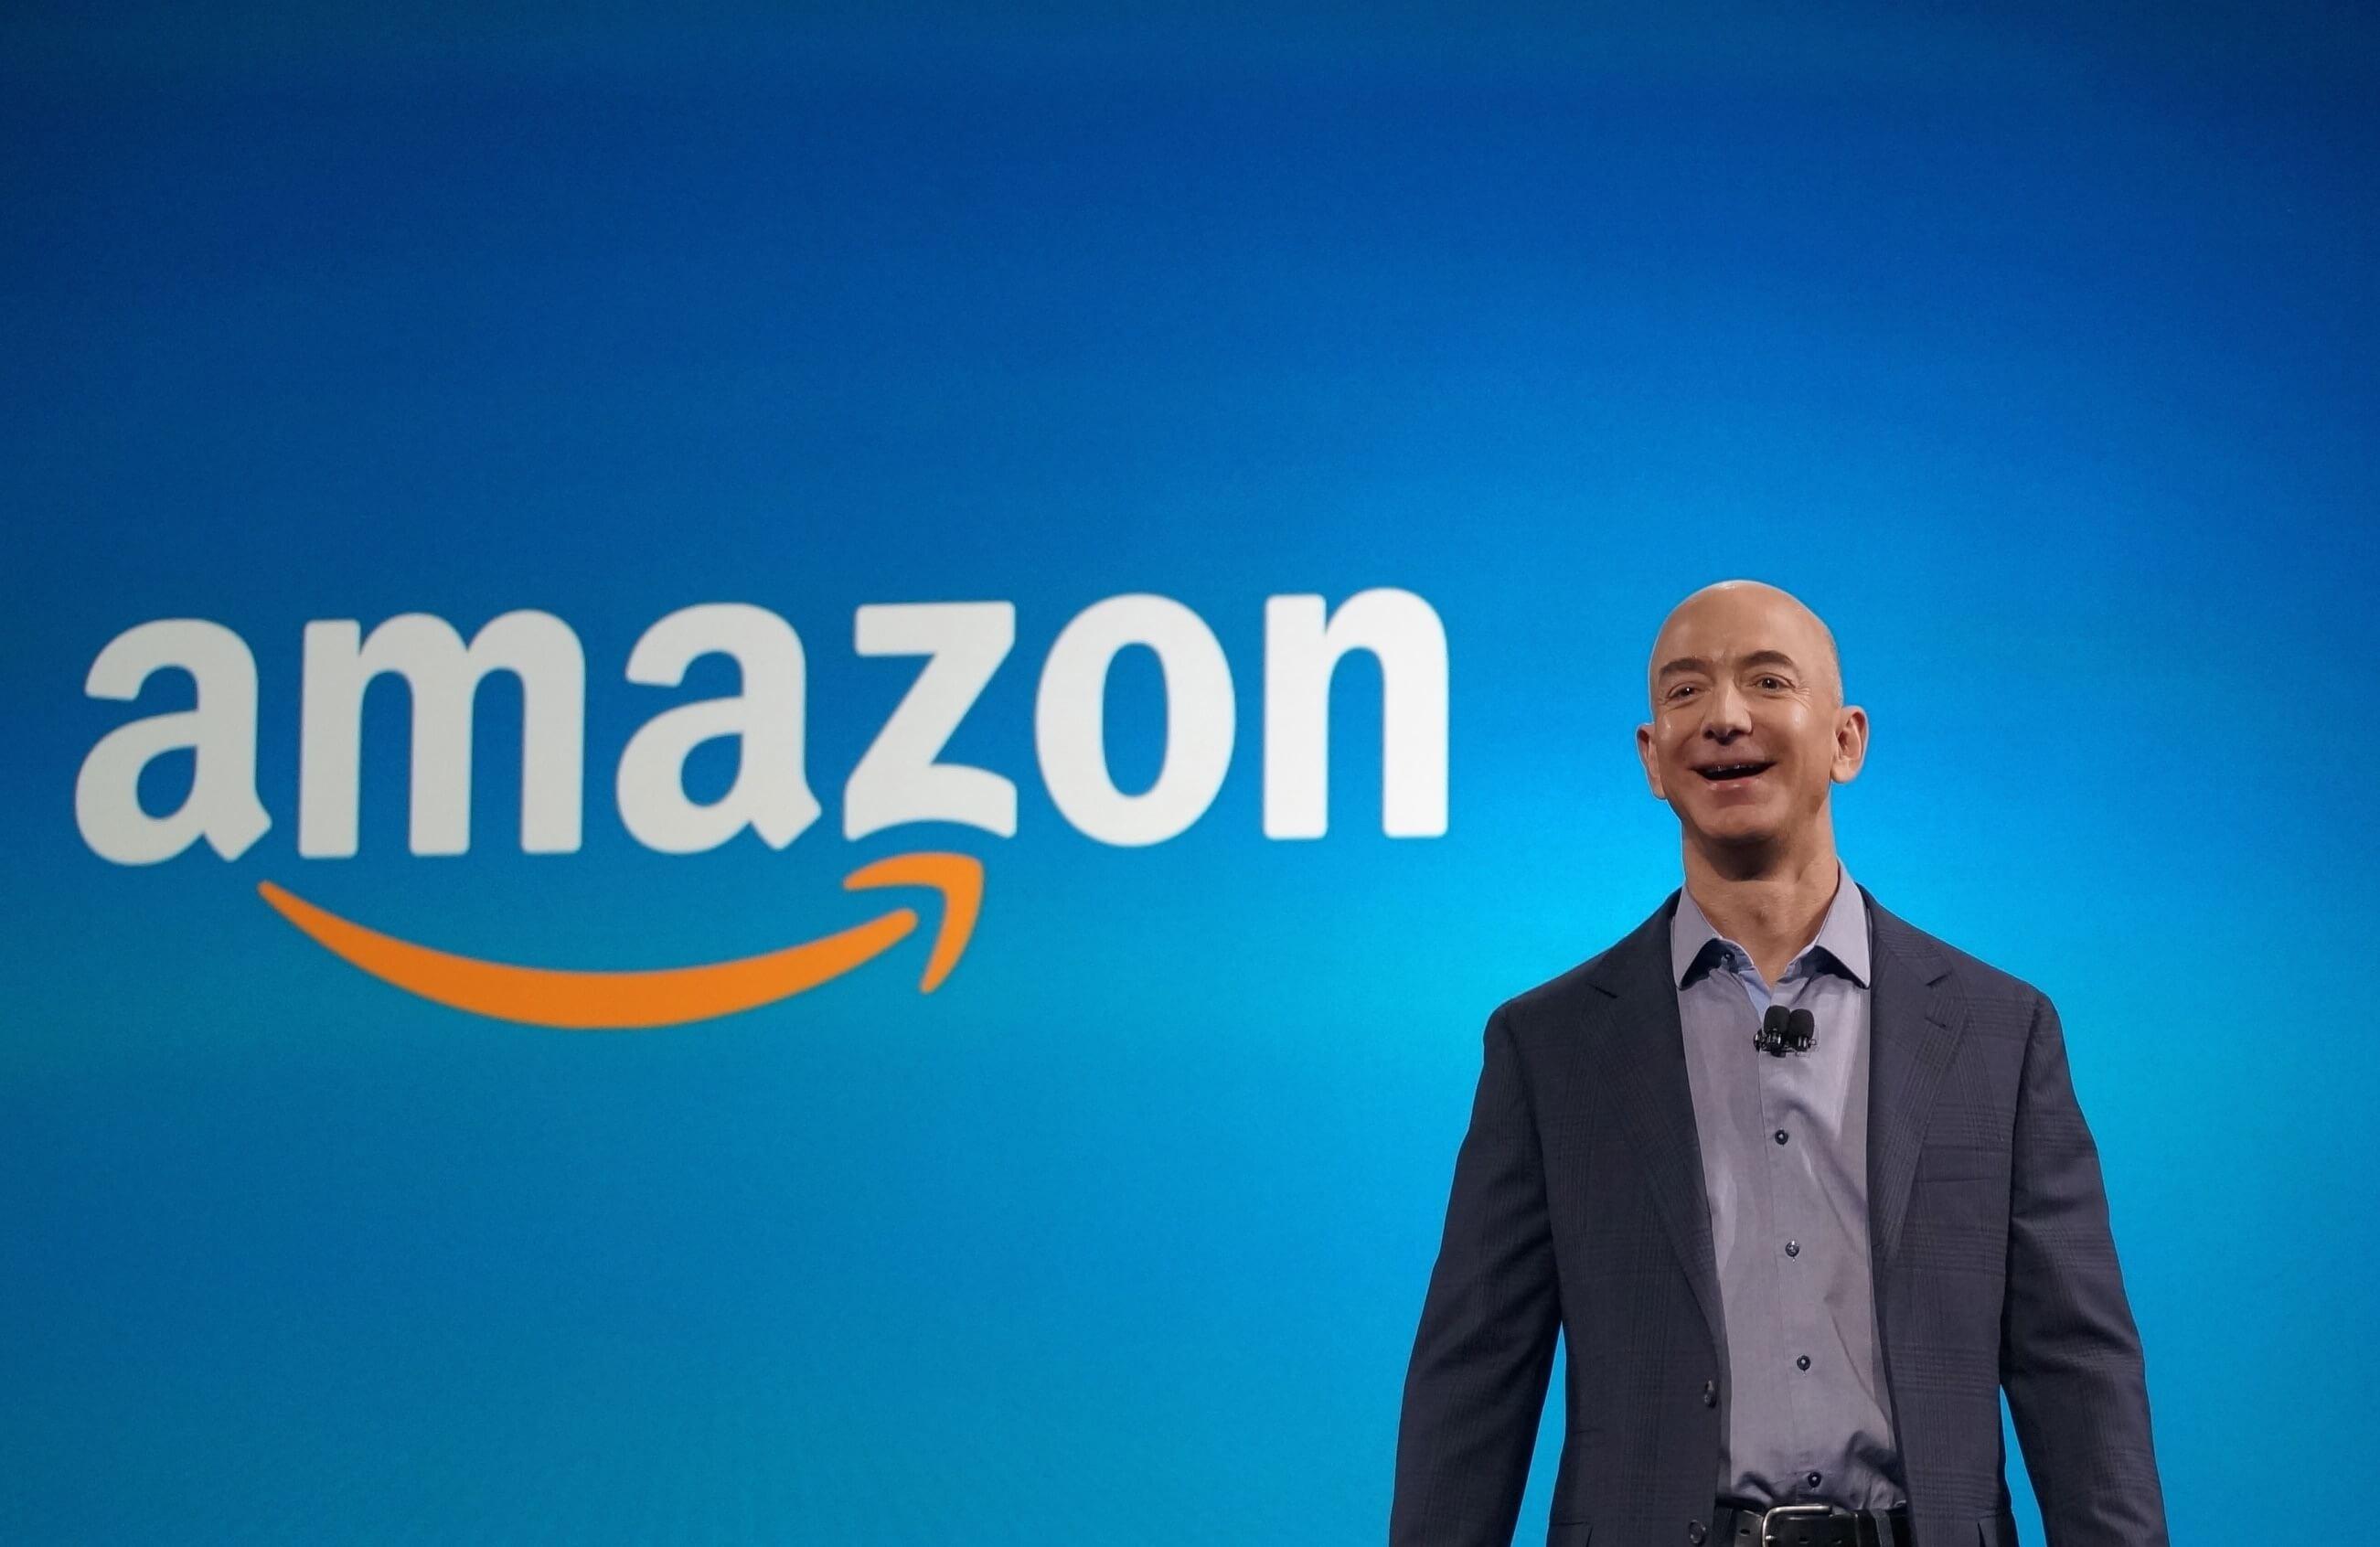 Amazon acalçou U$: 1 trilhão de dólares